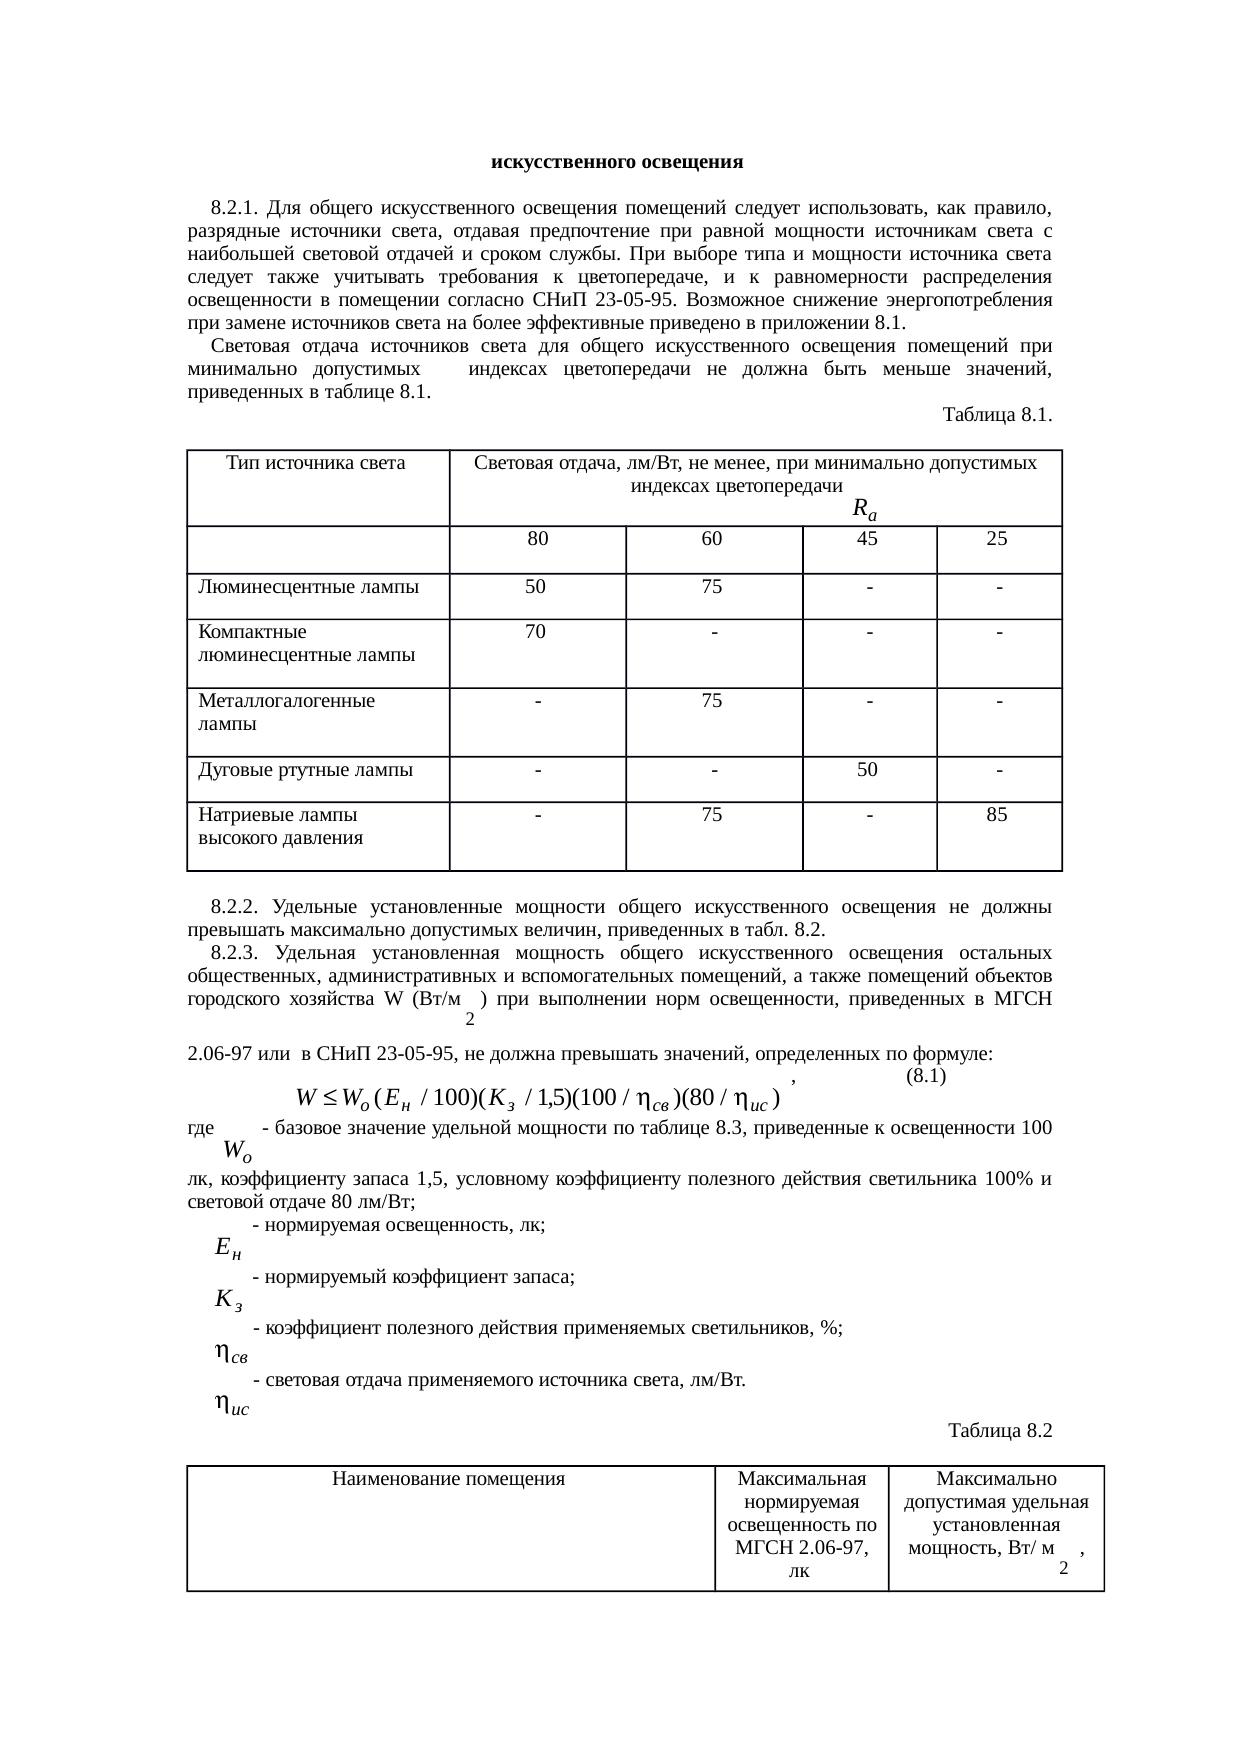 Гост 24566-86 (ст сэв 5360-85) соединители плоские втычные. основные размеры, технические требования и методы испытаний (с поправкой)